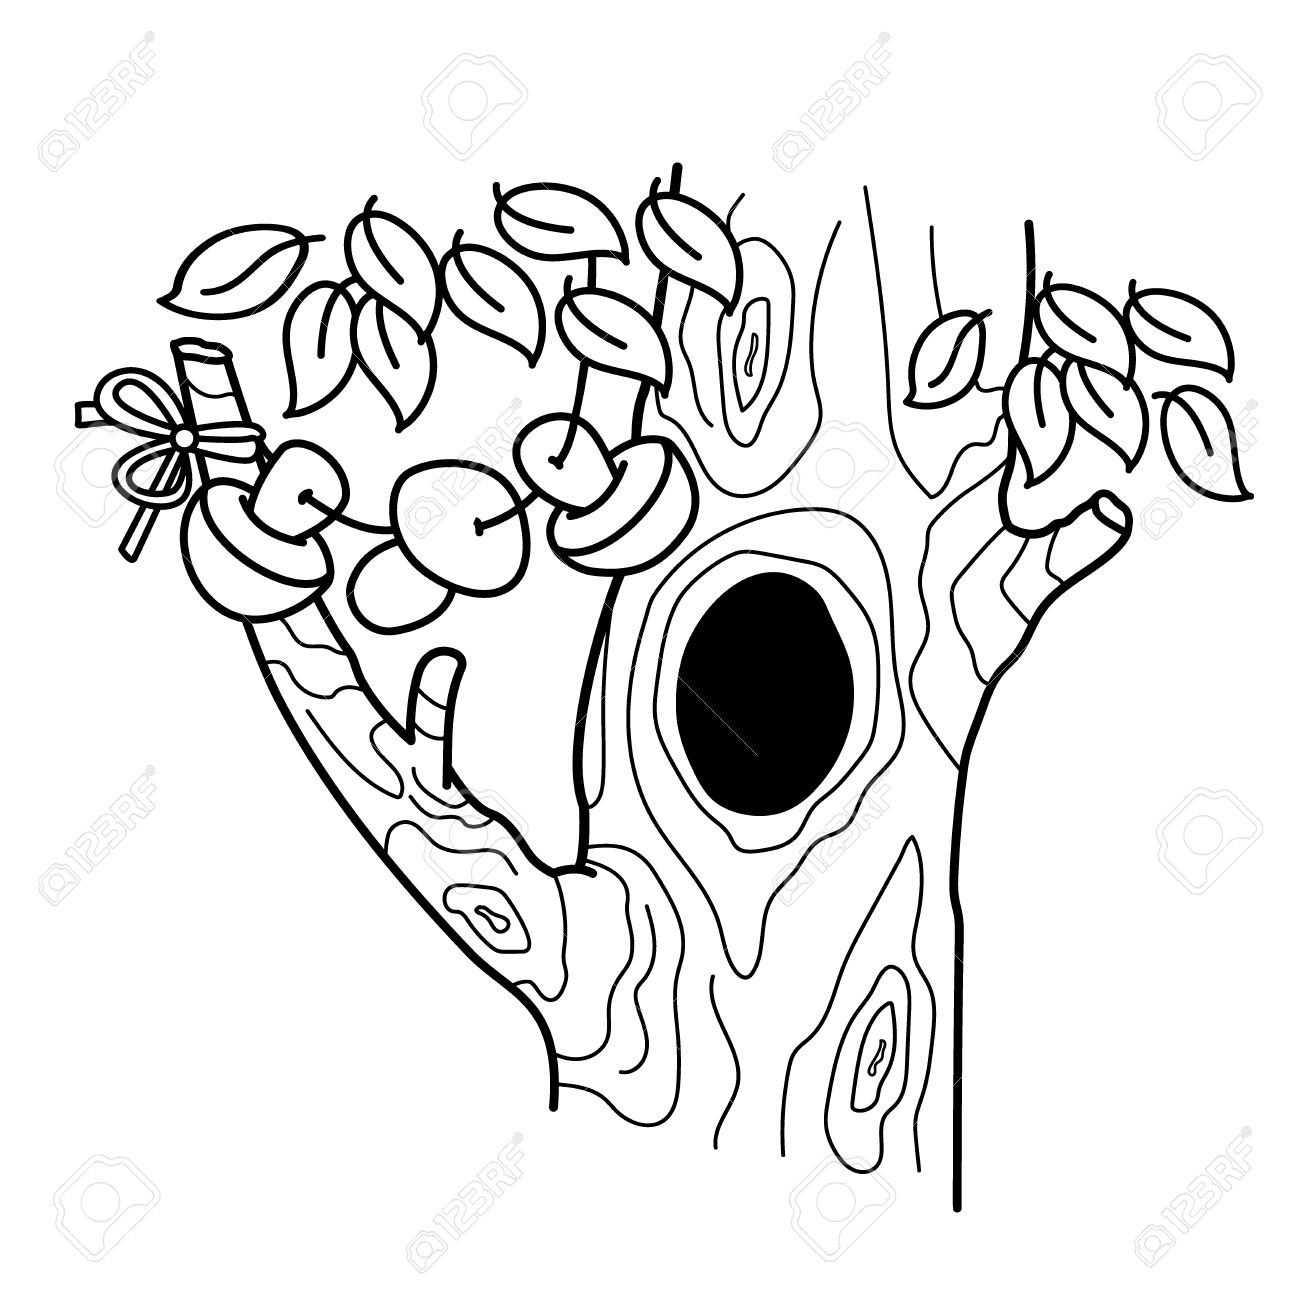 Página Para Colorear Esquema Del árbol De Dibujos Animados Con Un